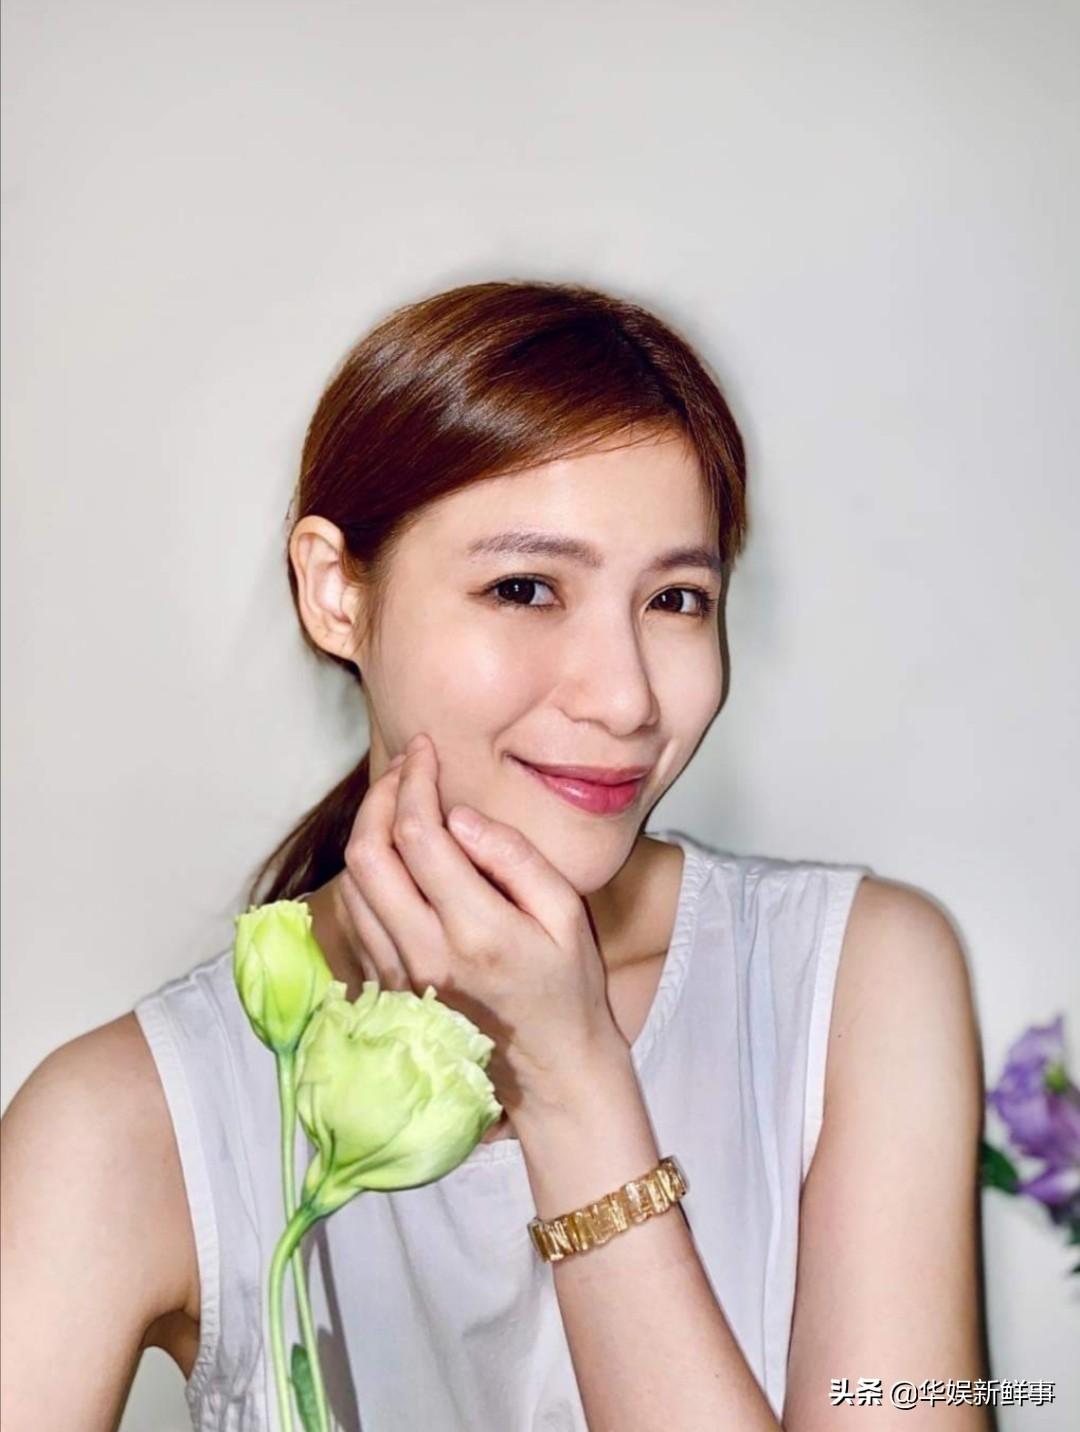 台湾艺人曝演艺圈内幕:综艺咖地位低、转型难,演员、歌手地位高